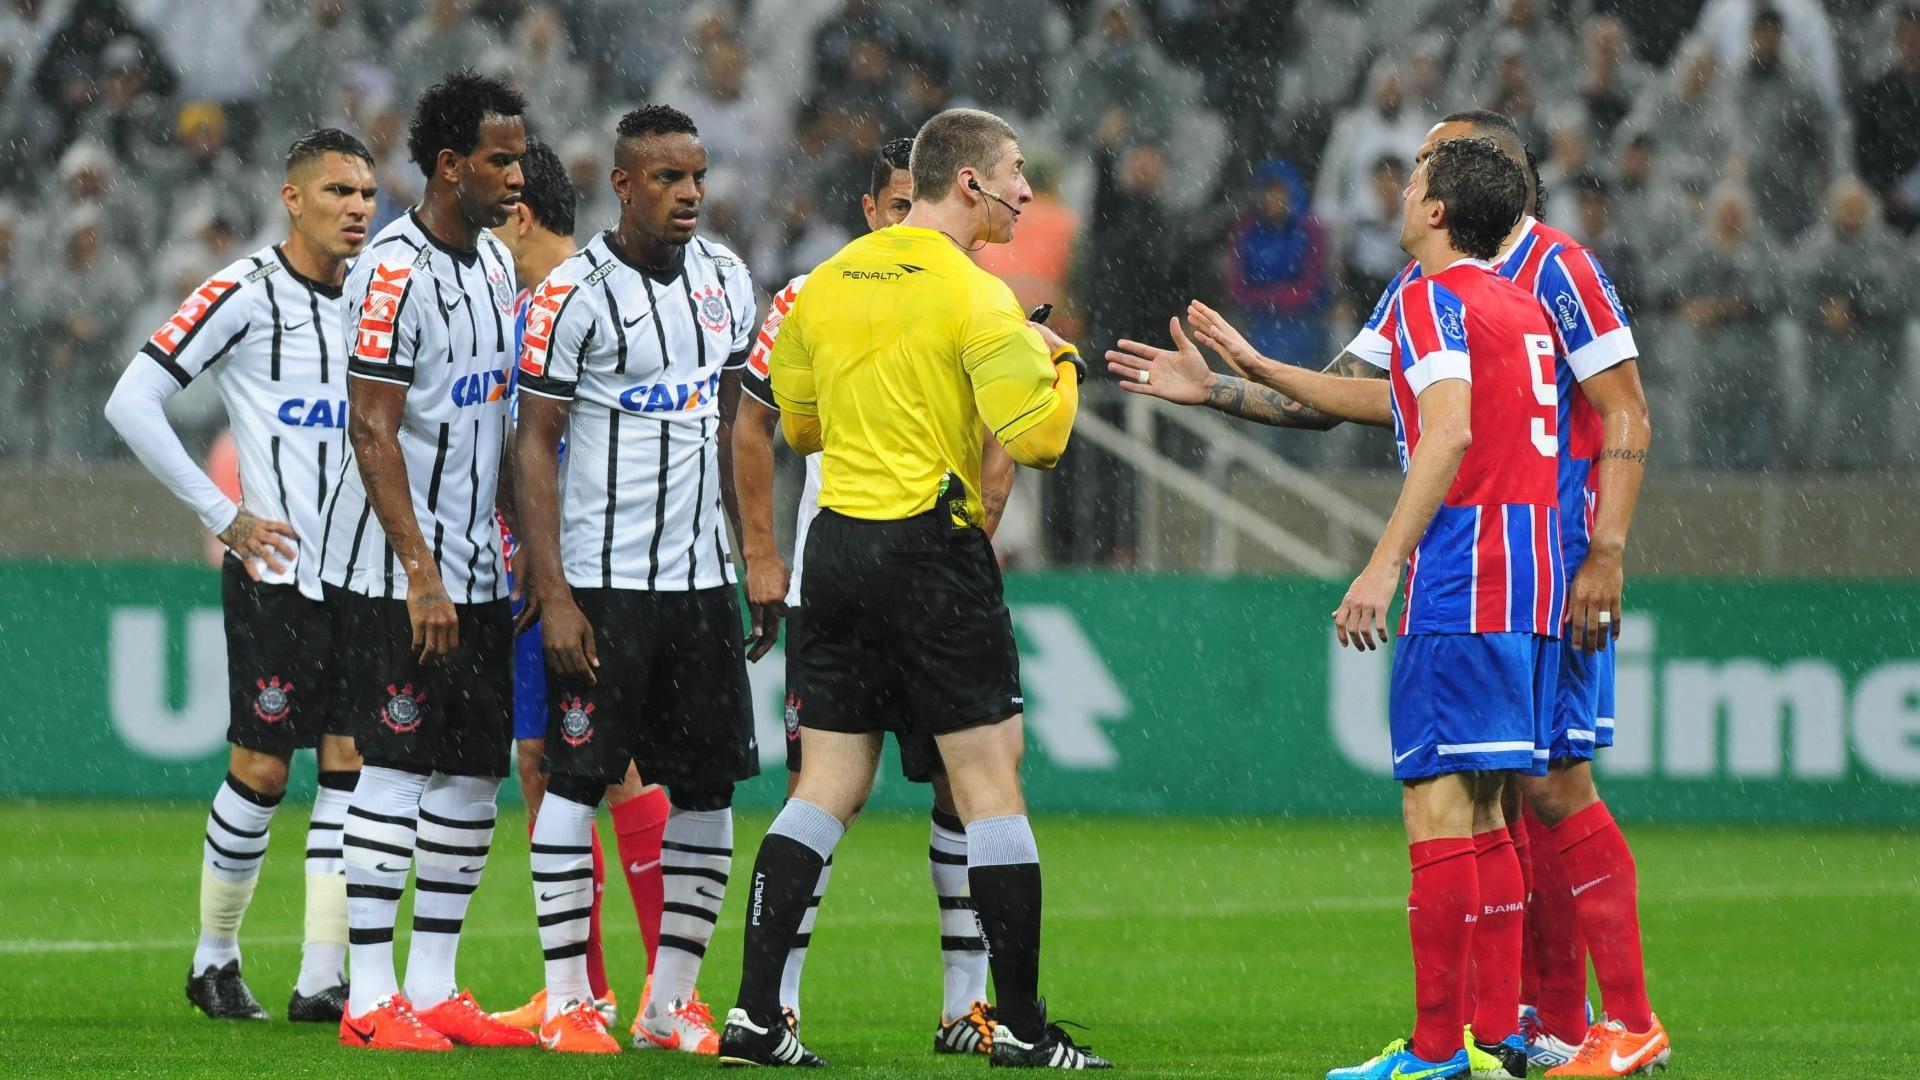 16.ago.2014 - Jogadores do Bahia discutem com o árbitro após marcação favorável ao Corinthians em jogo no Itaquerão